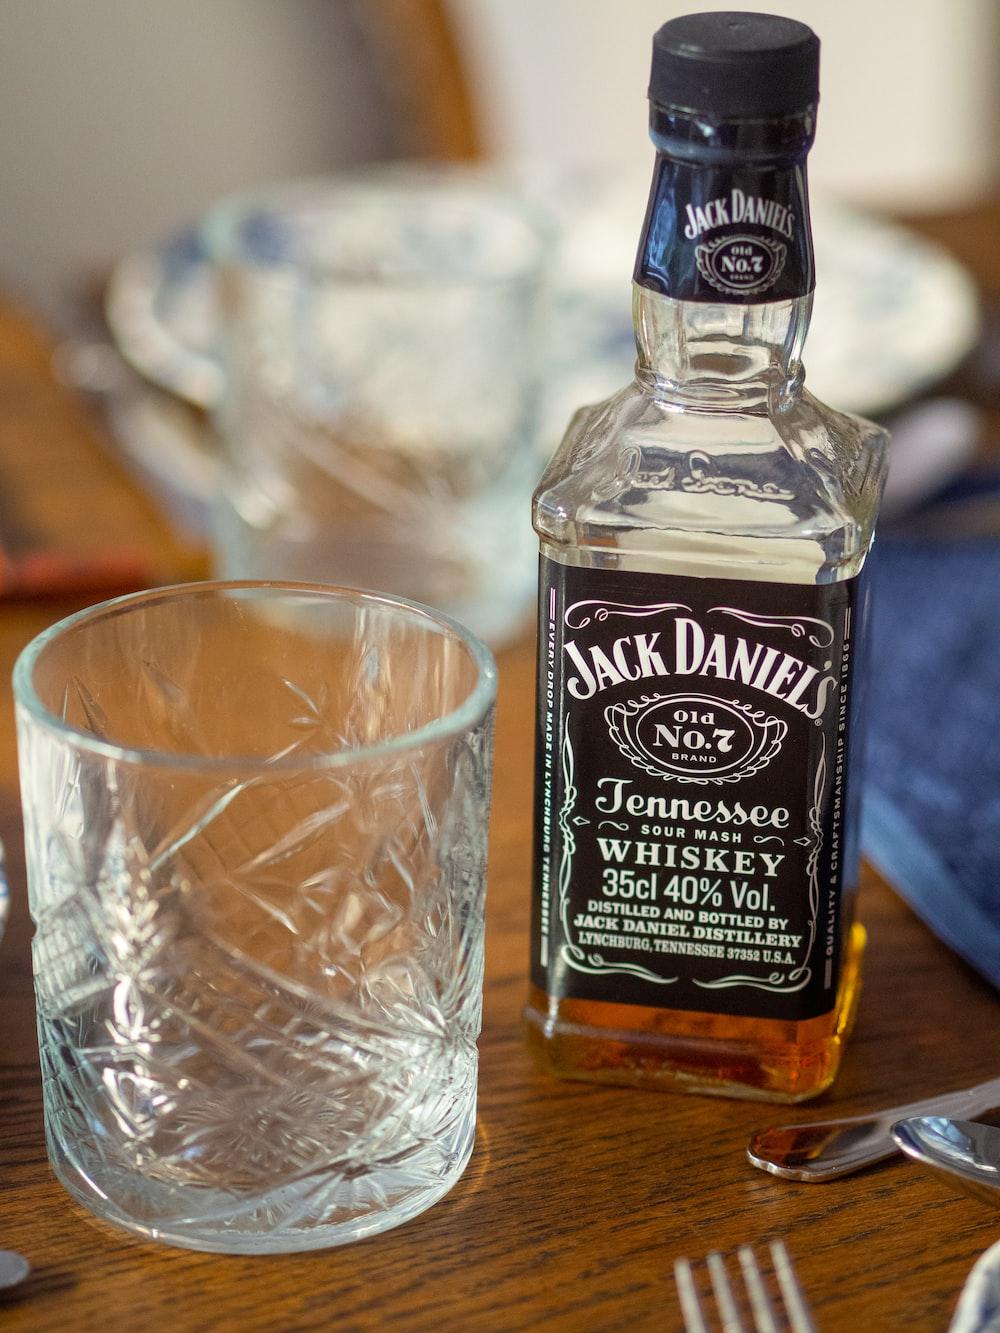 empty cup beside Jack Daniel's bottle